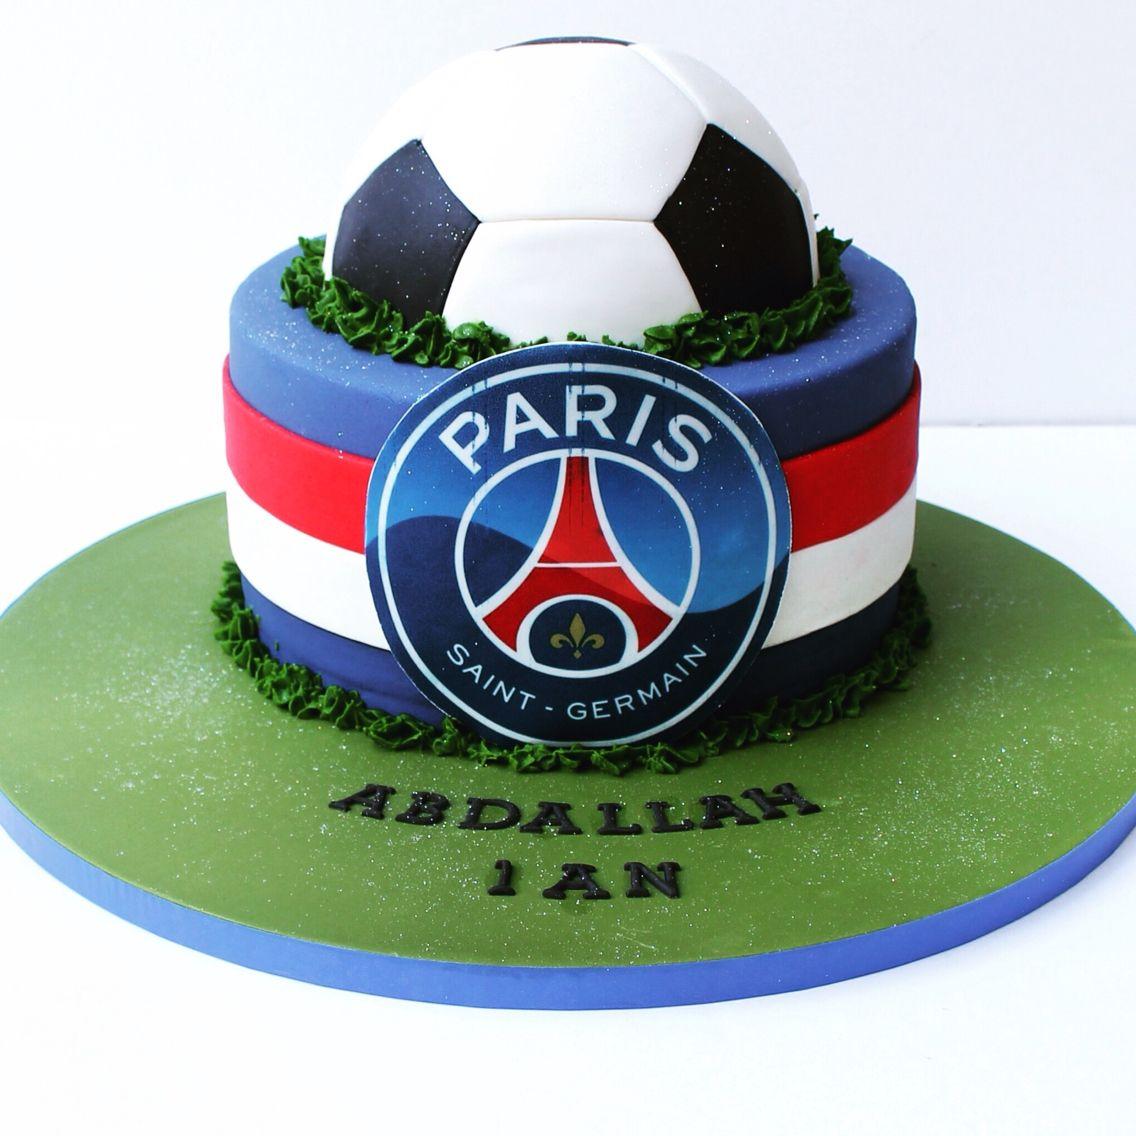 Psg Cake Gateau Anniversaire Paris Gateau Anniversaire Gateau Anniversaire Football